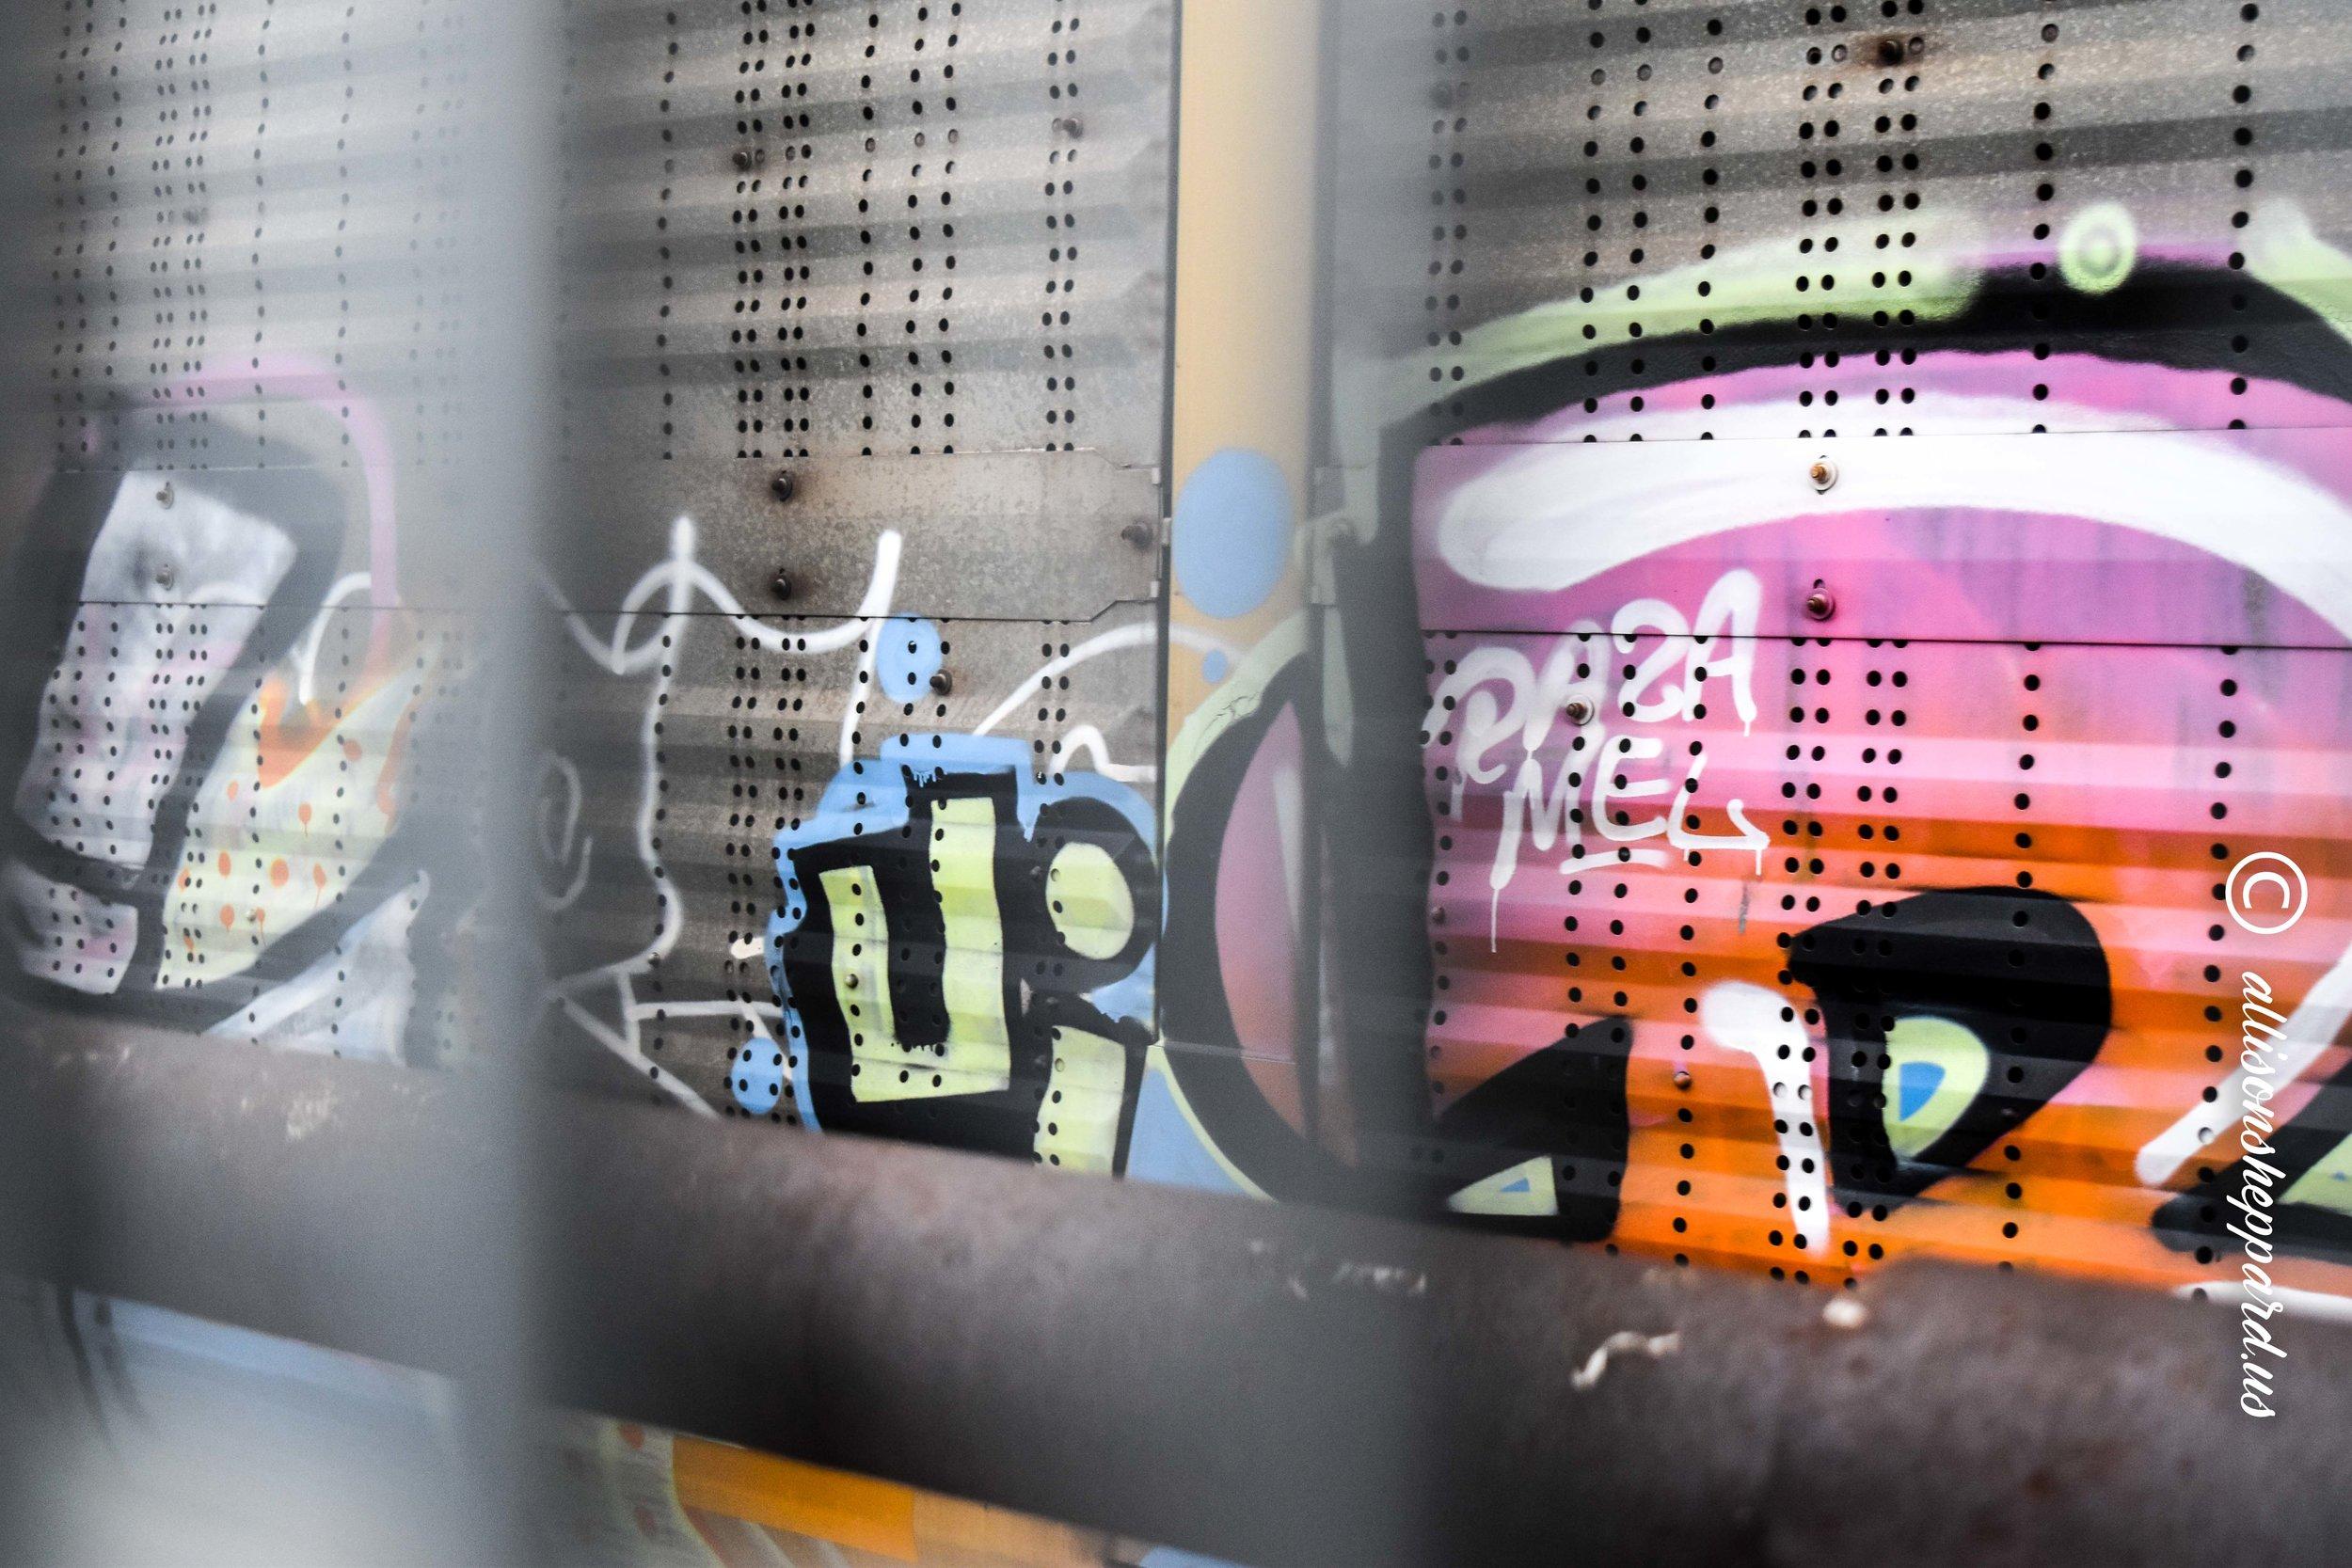 BRC-train-pink graffiti.jpg